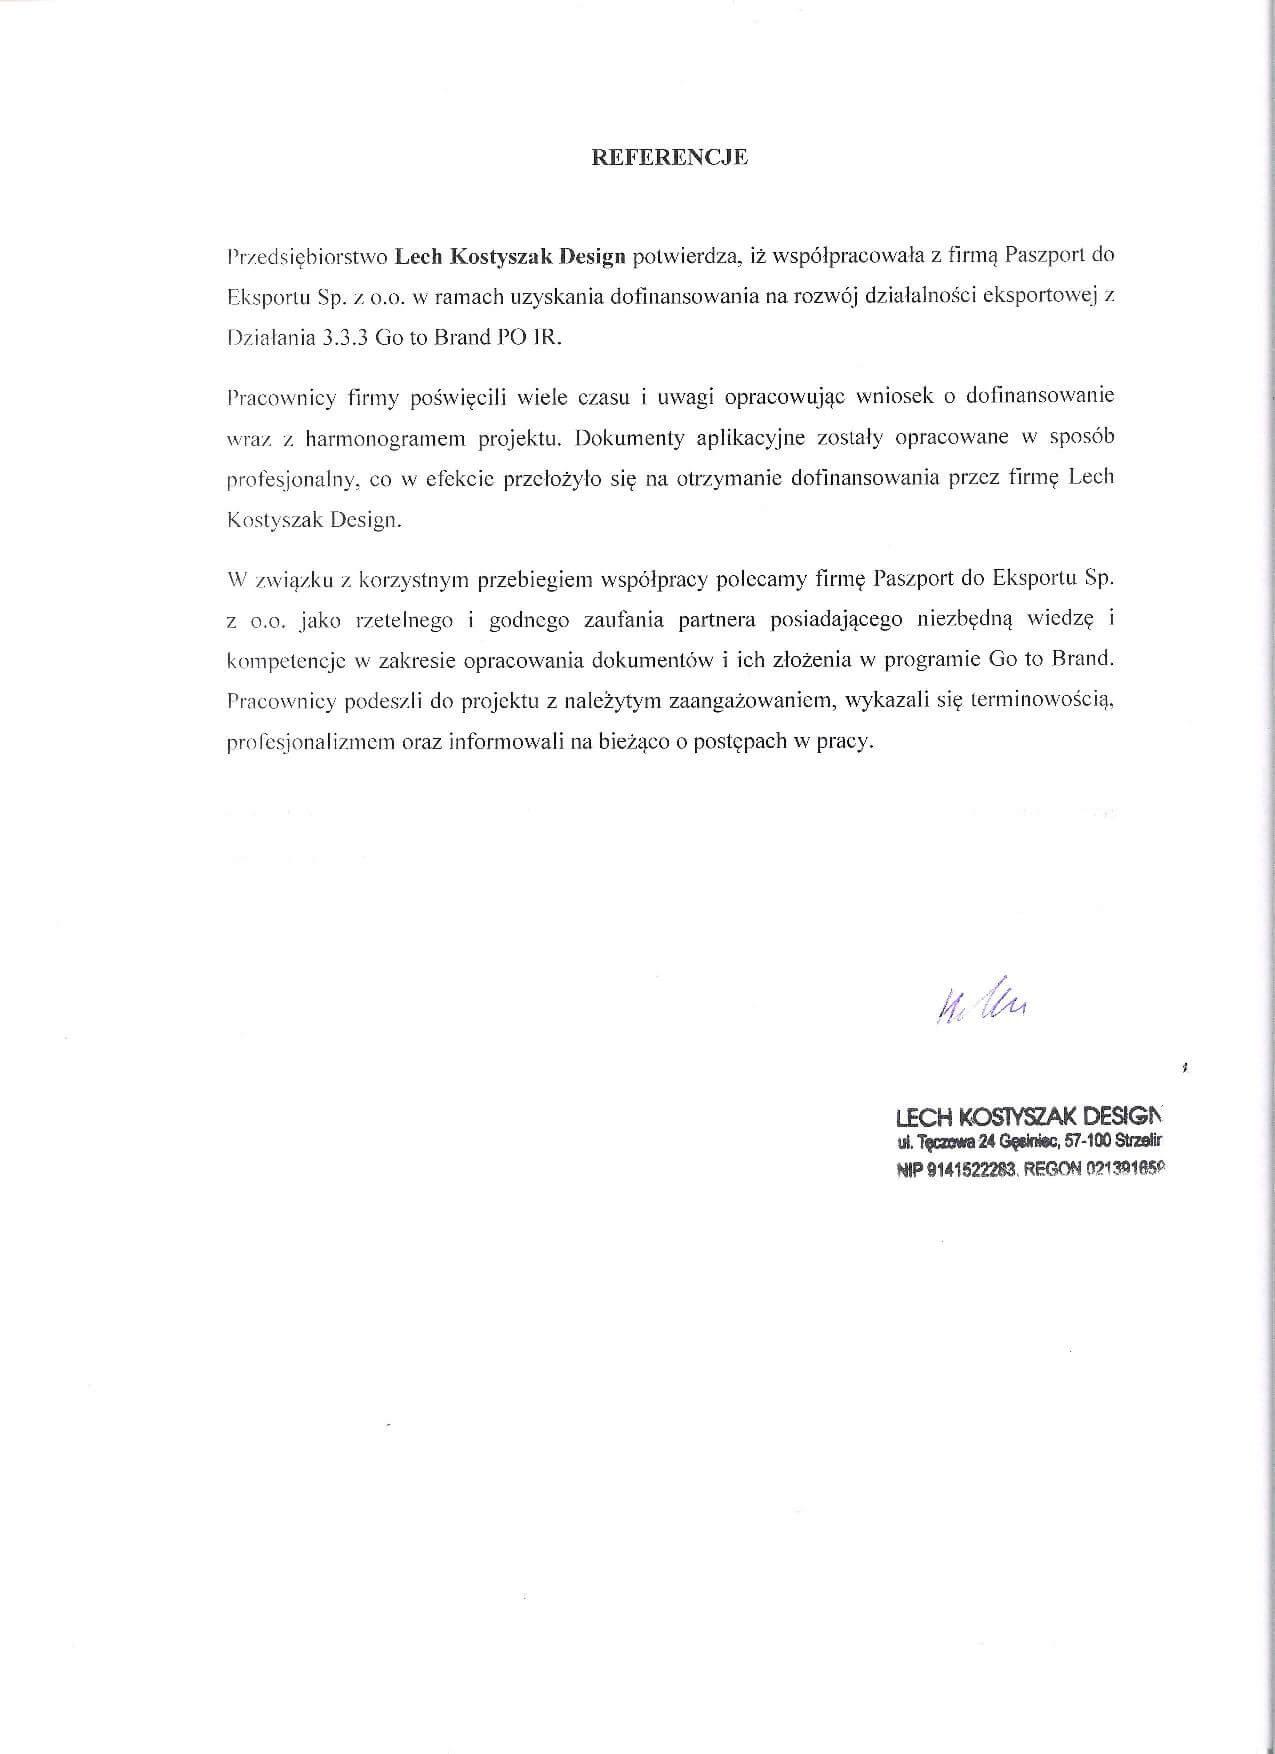 Referencje Lech KostyszakJPEG Referencje